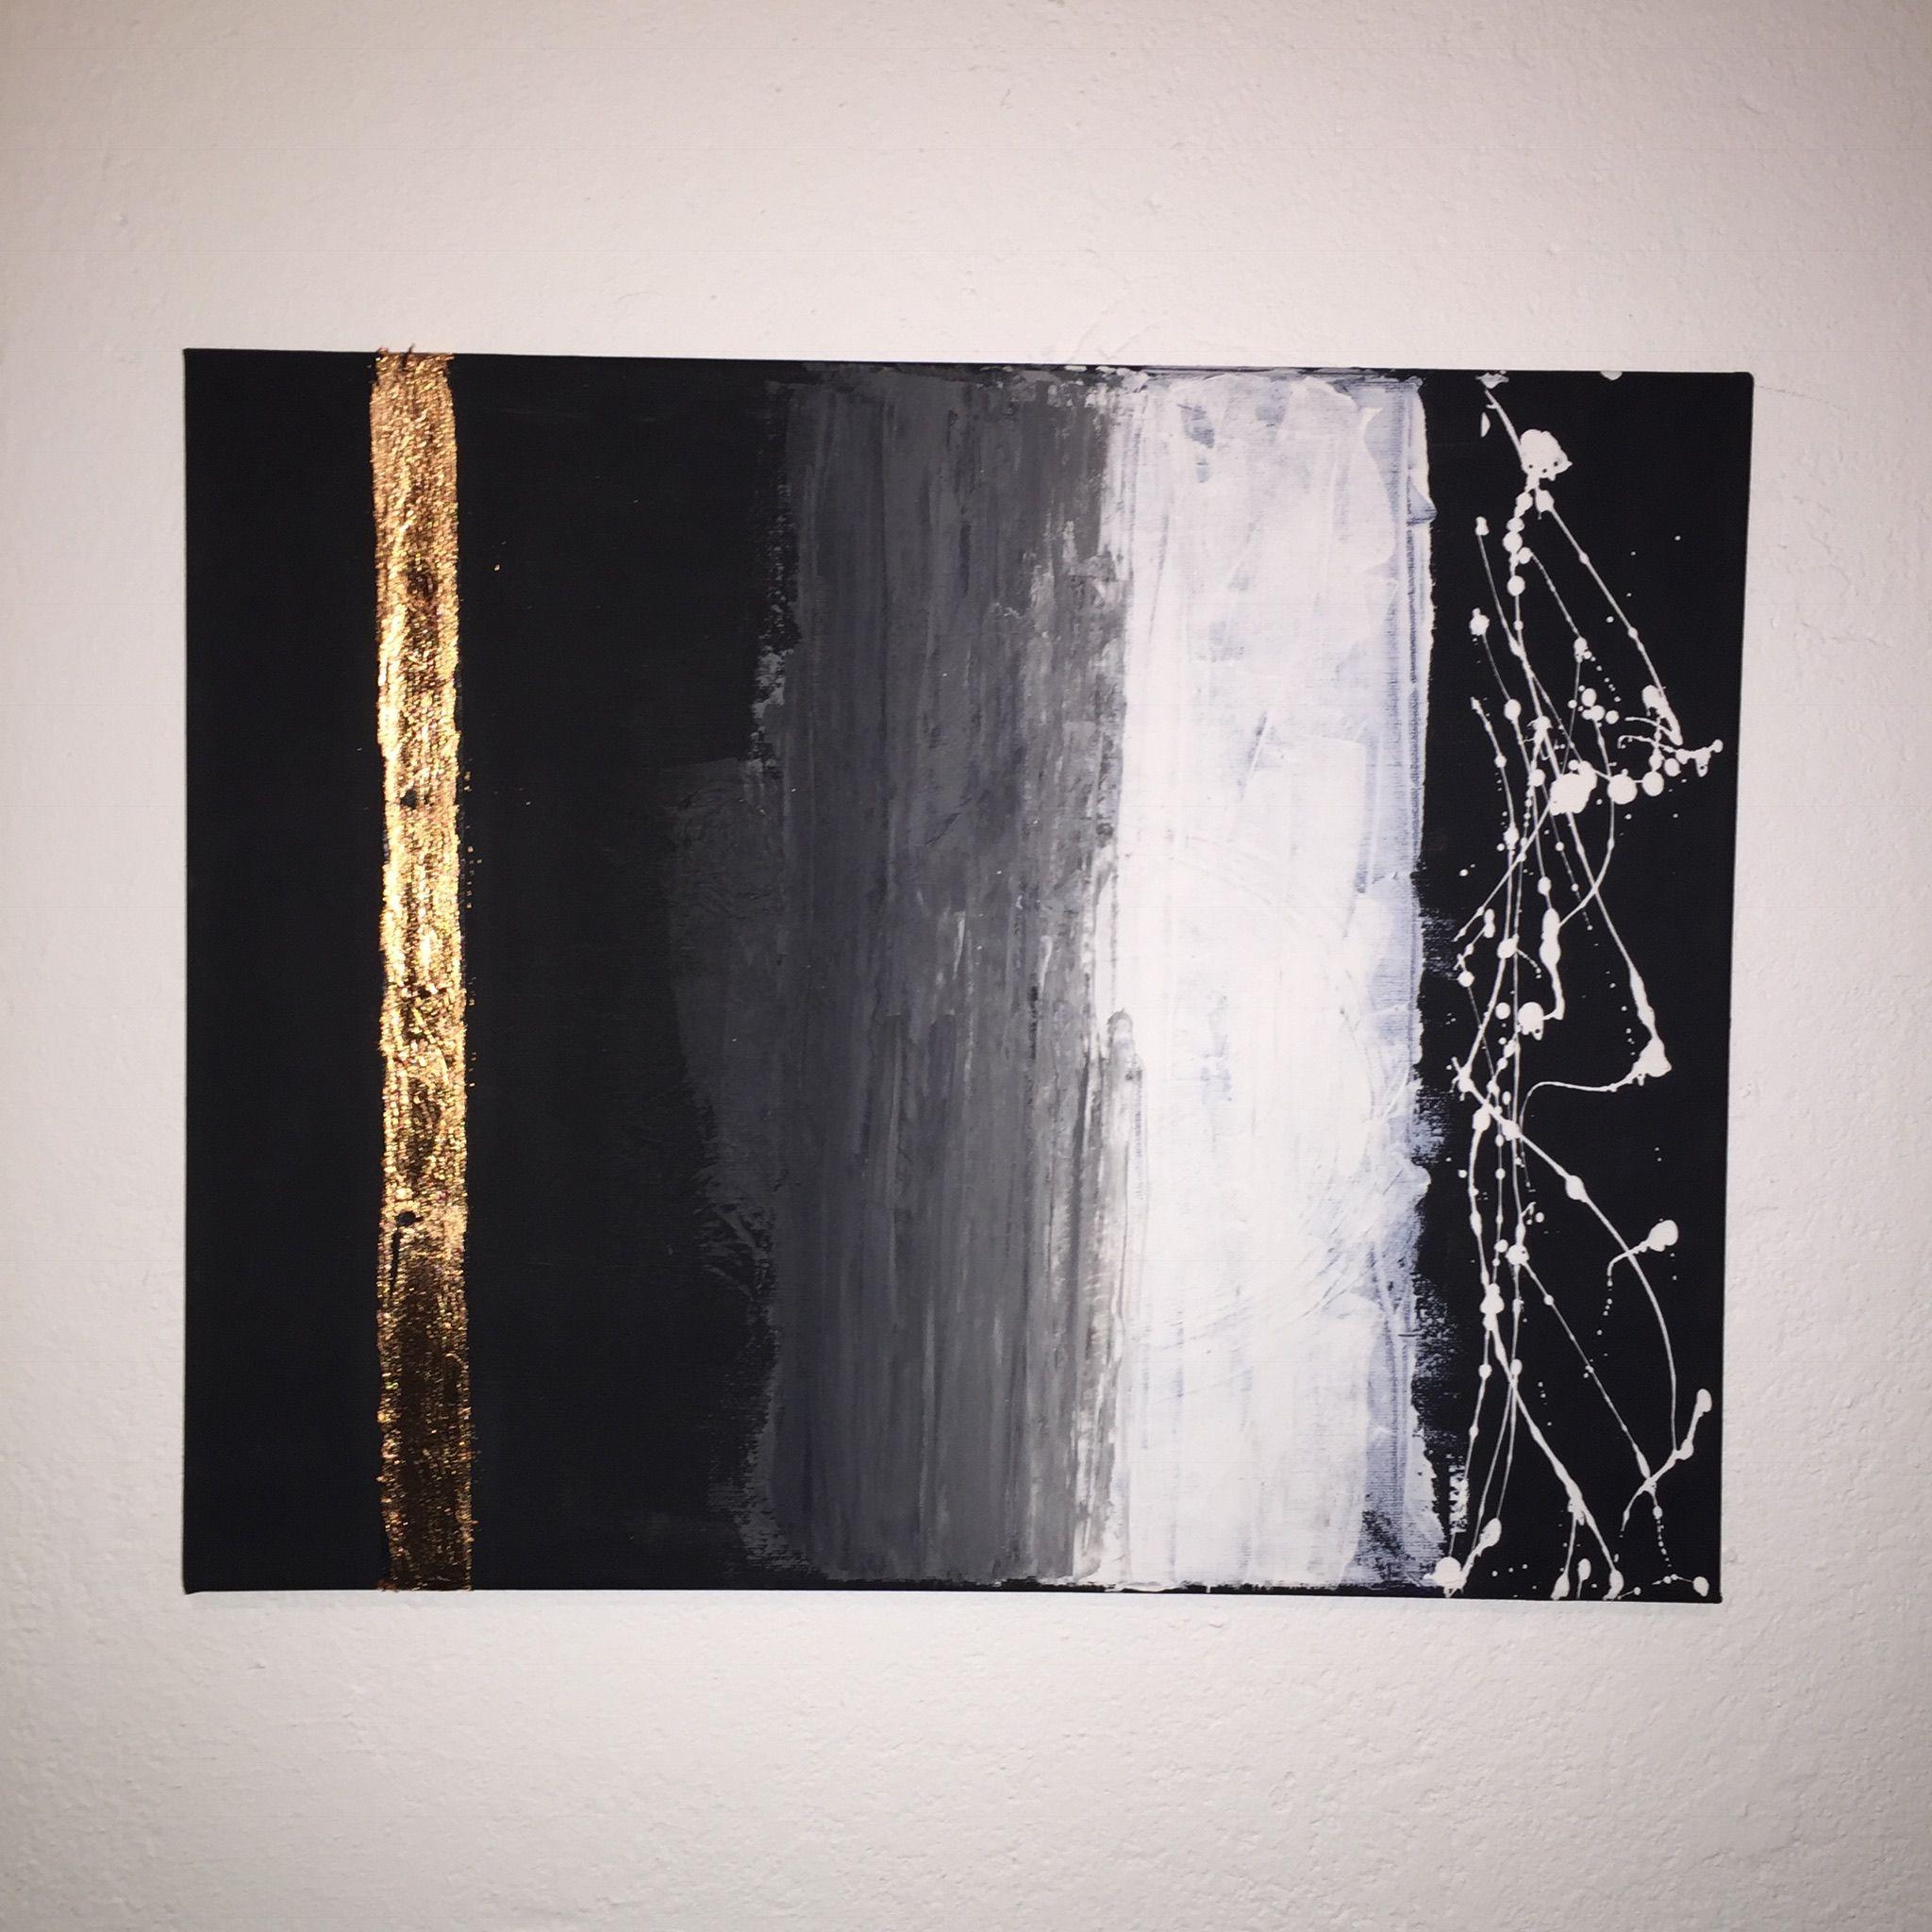 das werk kupfer in schwarz weiss ist ein absolutes unikat im format 40 x 50 cm hier wurden acrylfarben au abstrakte leinwand abstrakt kunst gemalde bilder kaufen acrylmalerei modern